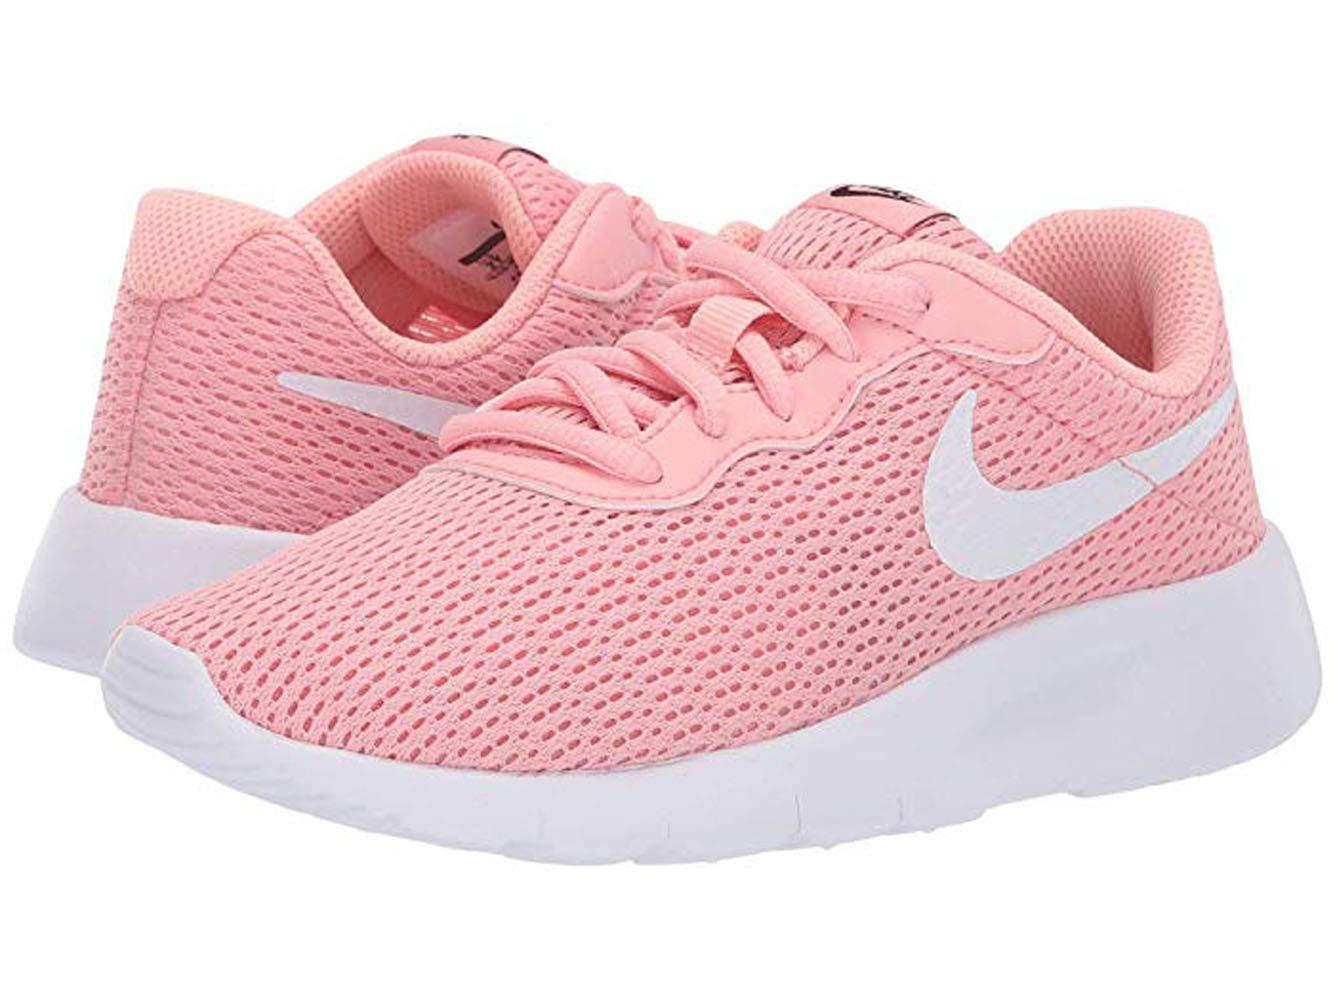 Nike Kids Tanjun (PS) Bleached Coral White Black Size 1